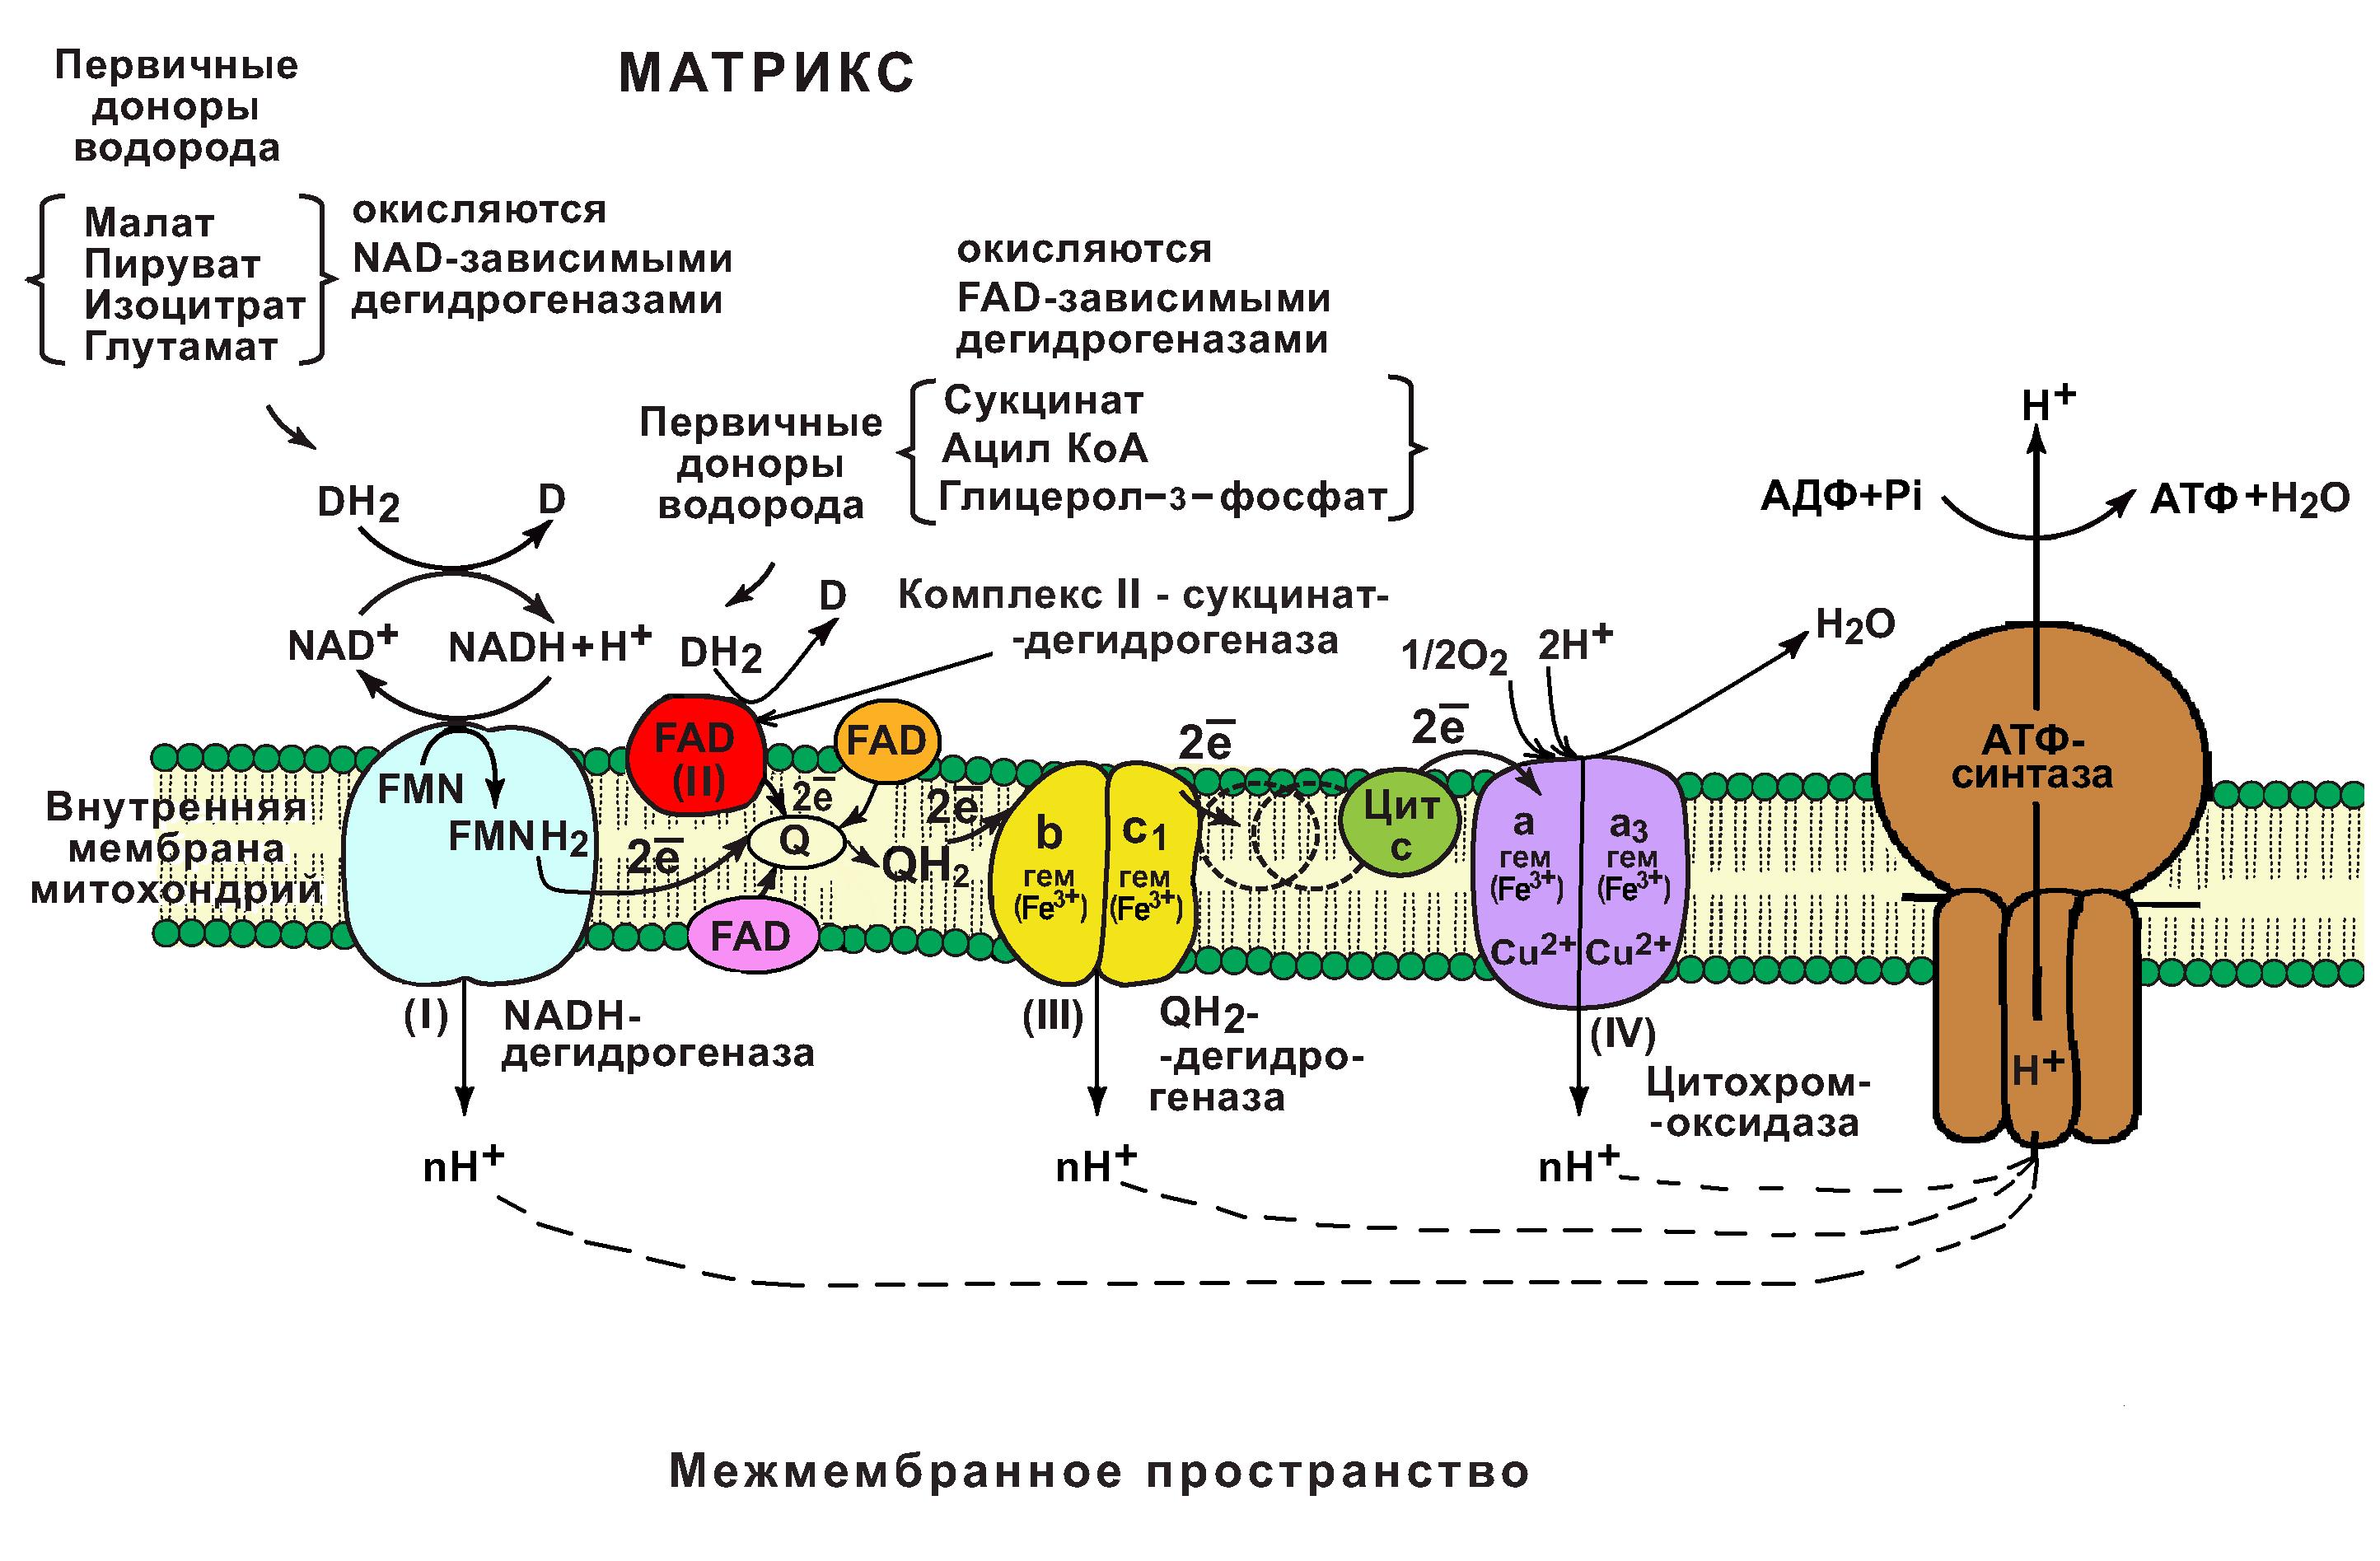 Дыхательная цепь схема митохондрии